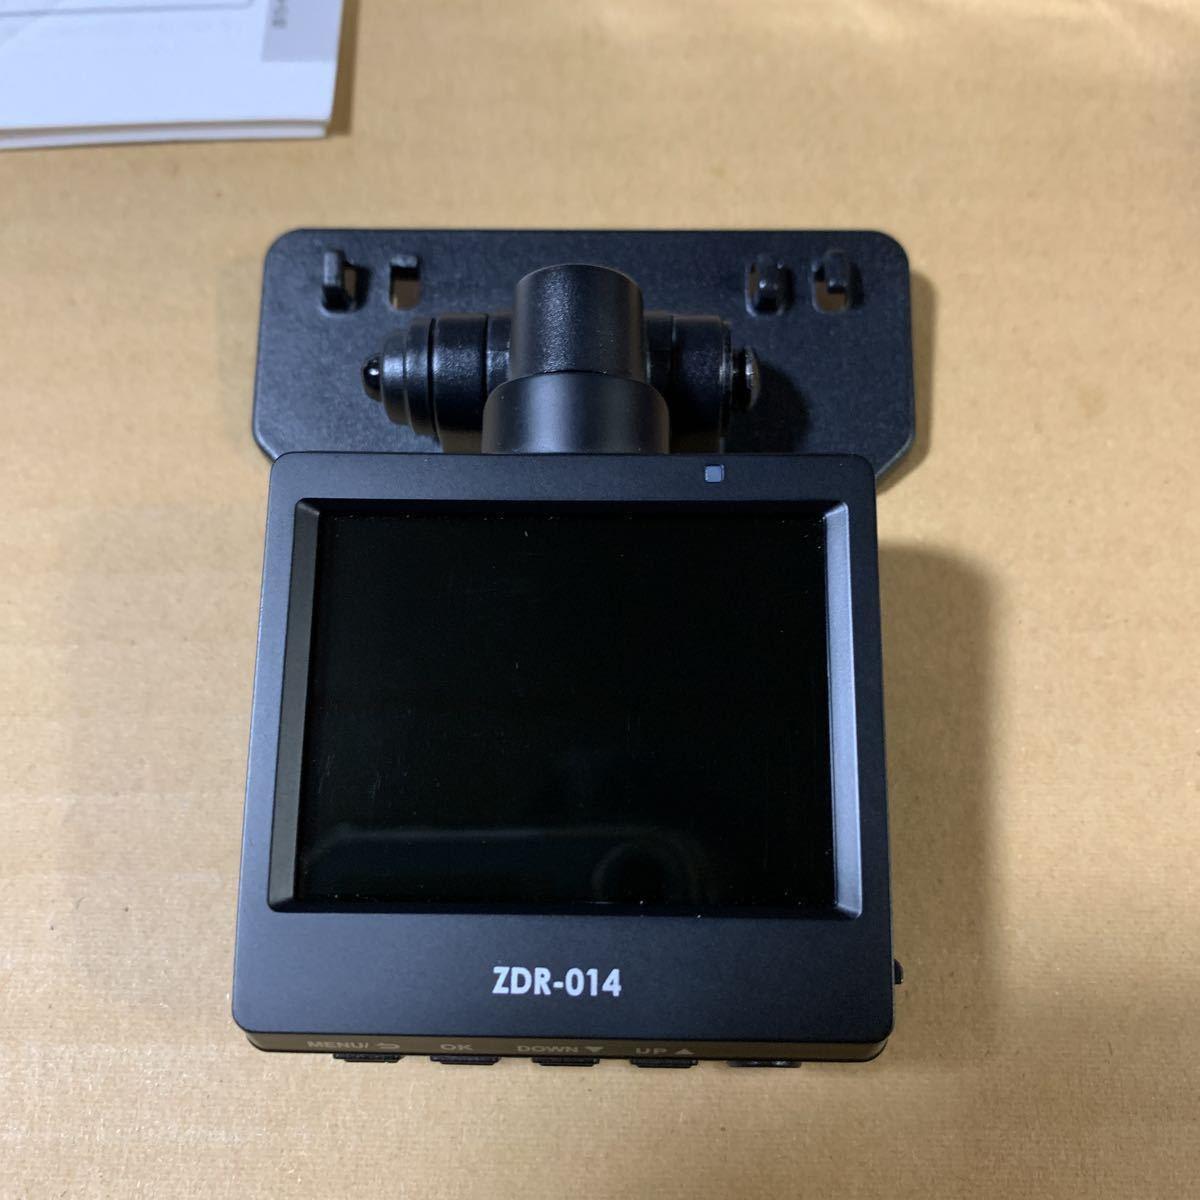 【ドラレコ】美品!中古 コムテックGPS搭載 高性能ドライブレコーダー ZDR-014 _画像3